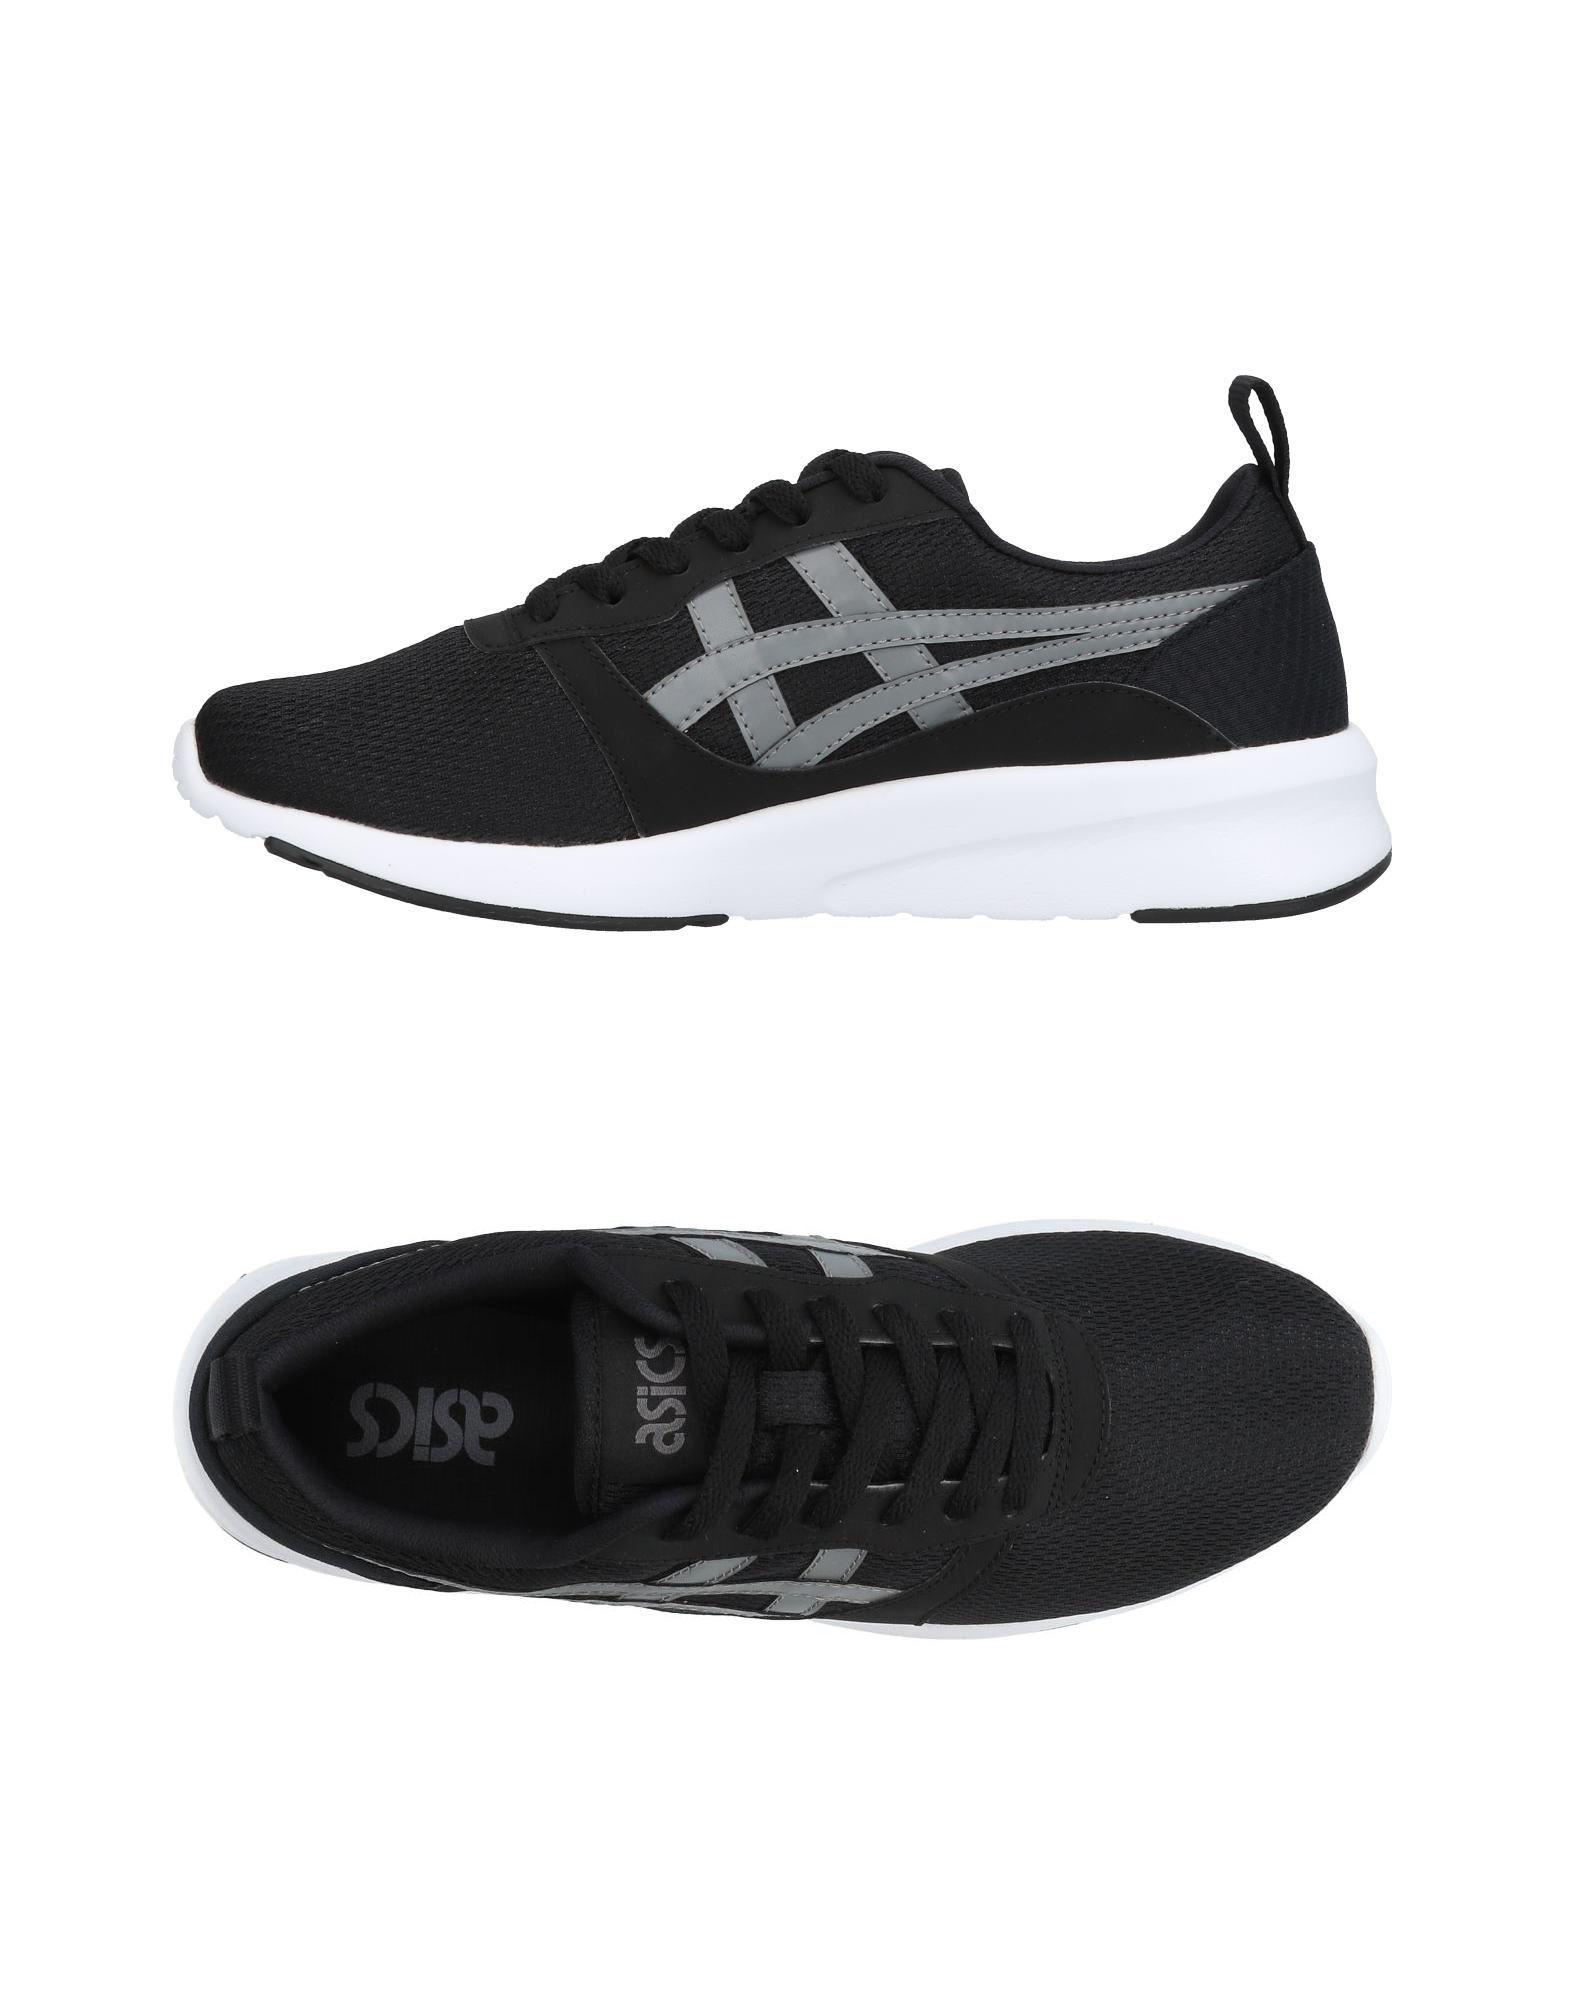 Rabatt echte Schuhe Asics Sneakers Herren  11373419TD